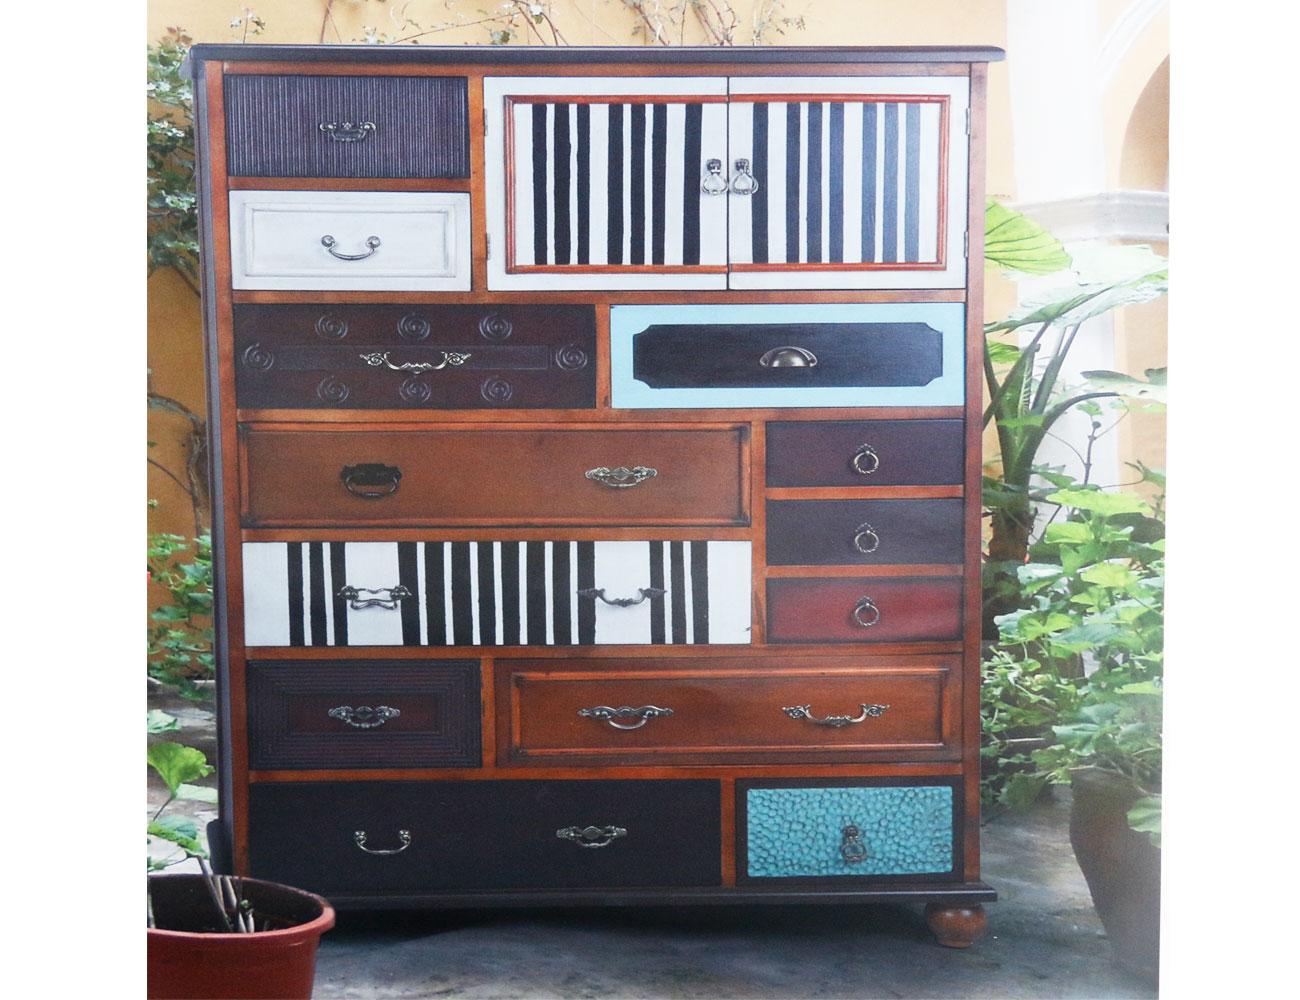 Mueble alto de dise o para sal n con estilo vintage 17274 factory del mueble utrera - Muebles utrera ...